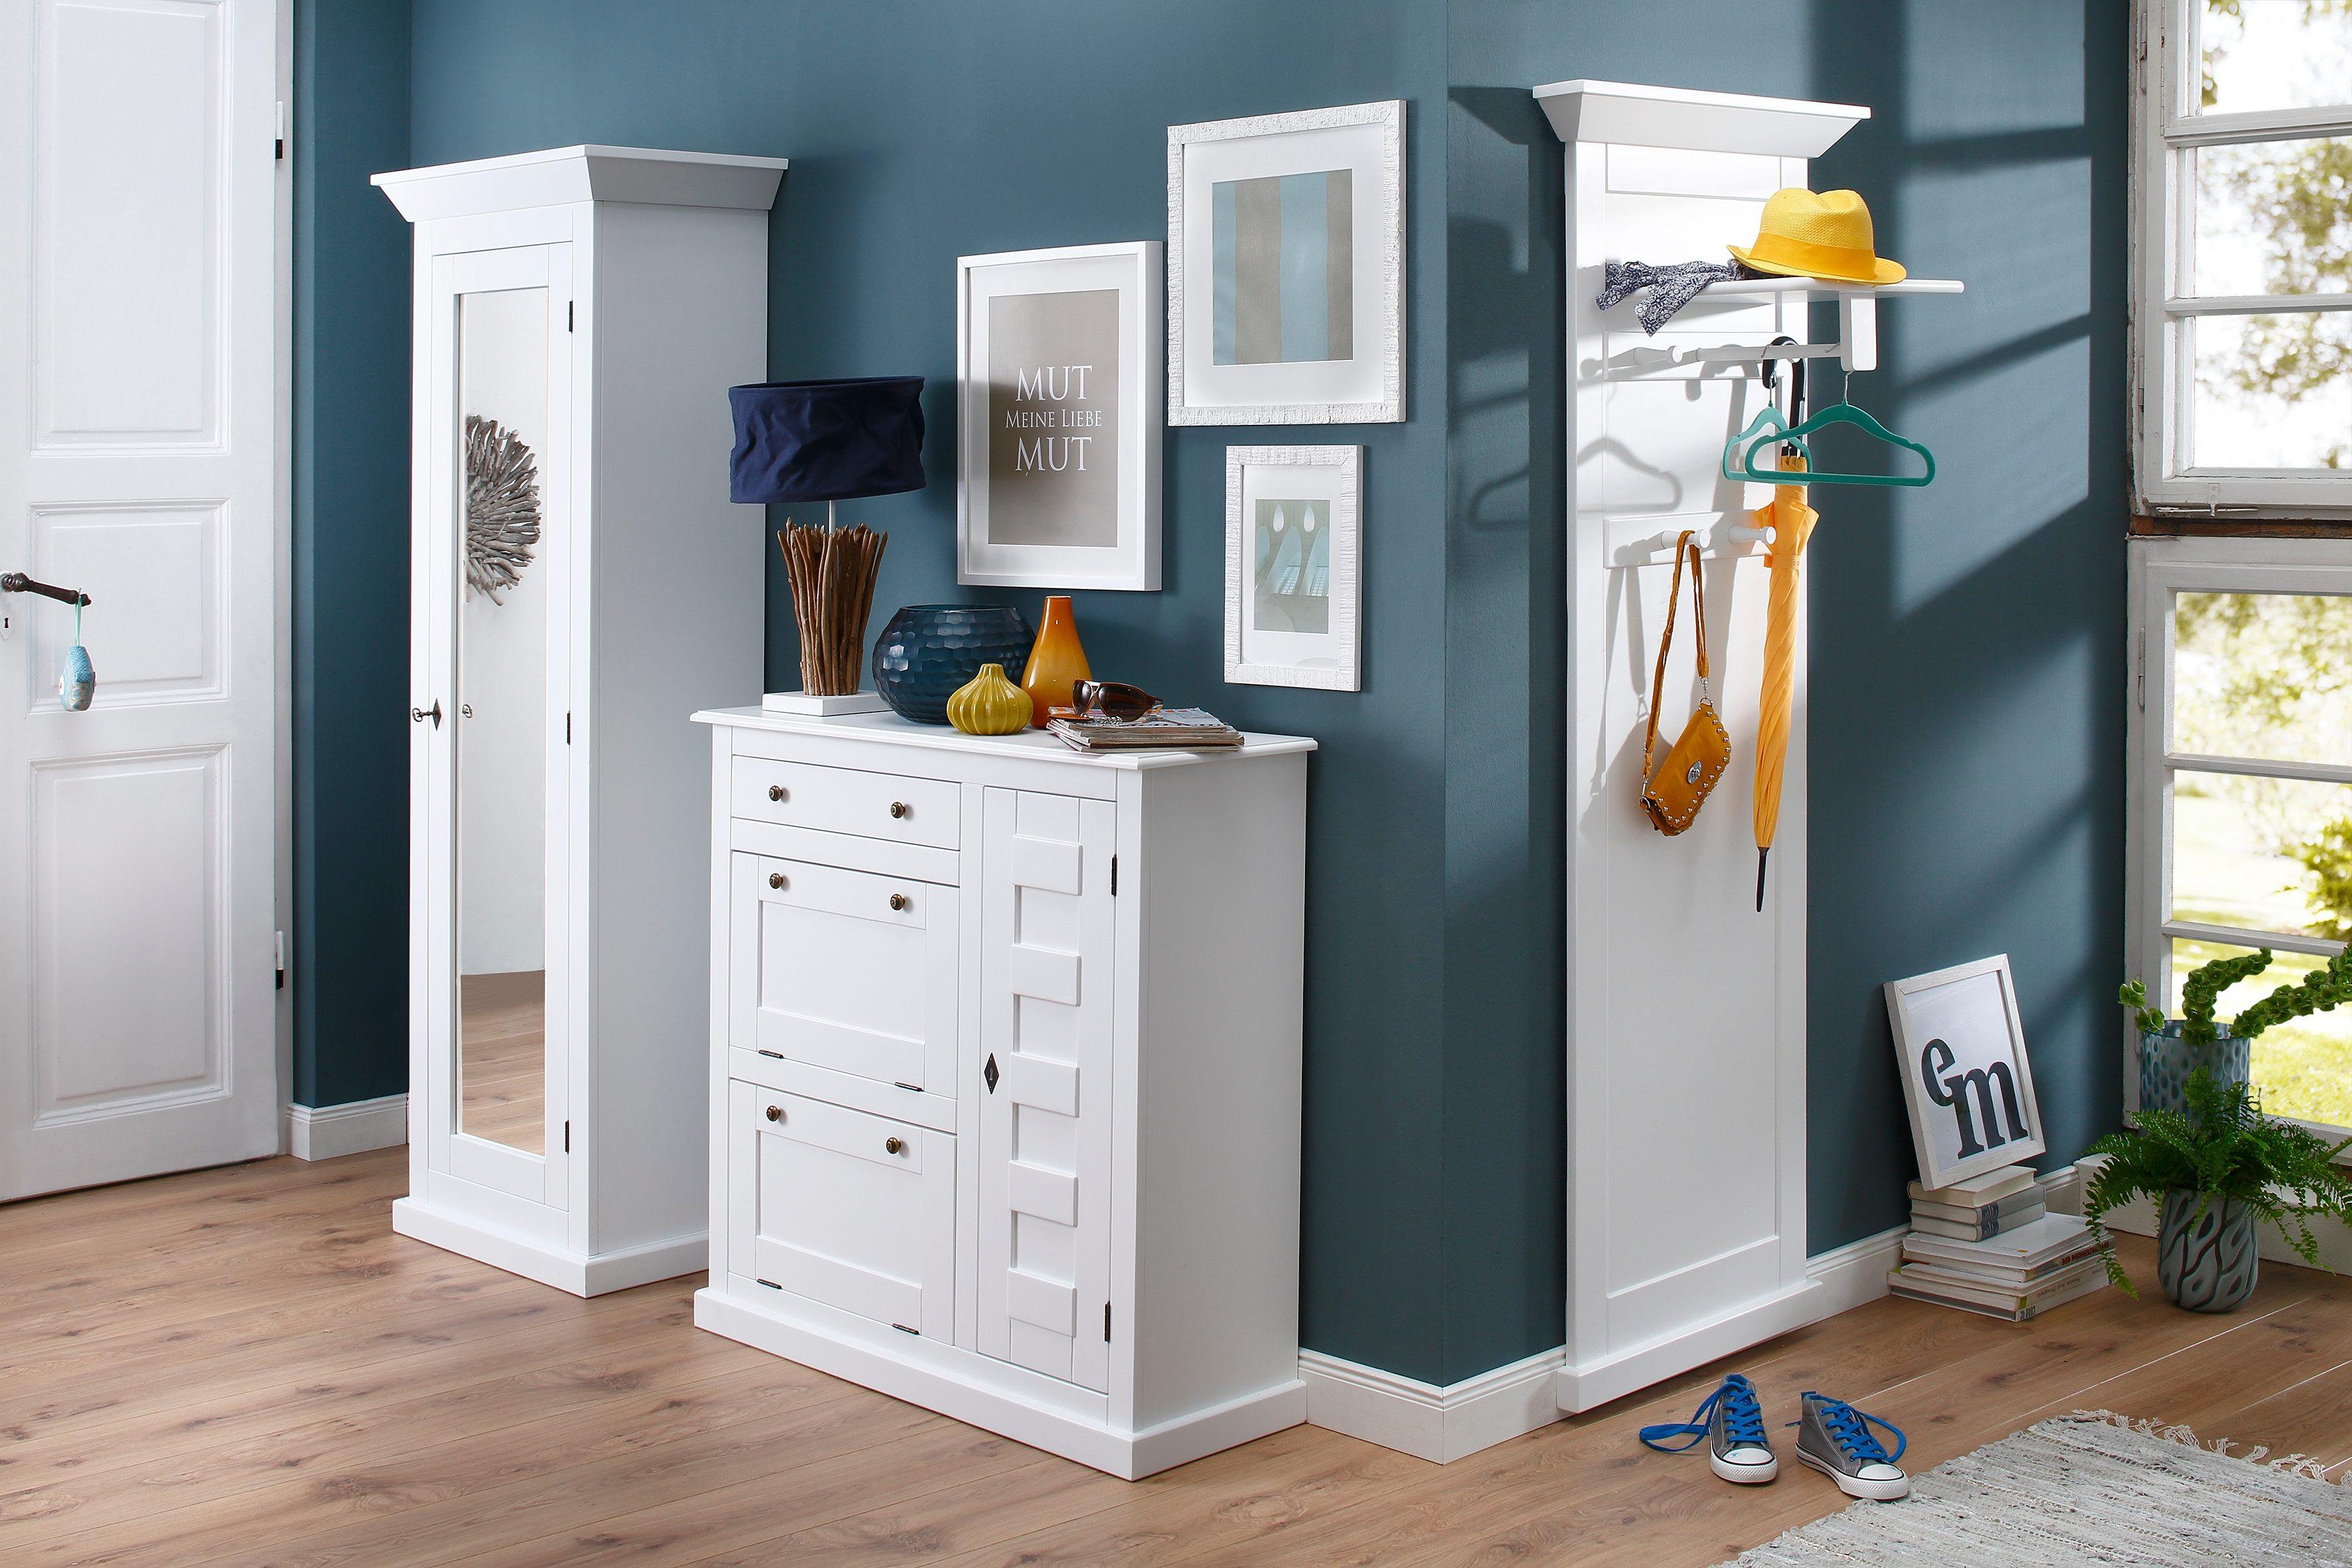 Premium collection by Home affaire Garderobenschrank »Nadja« mit Spiegel, Breite 67 cm